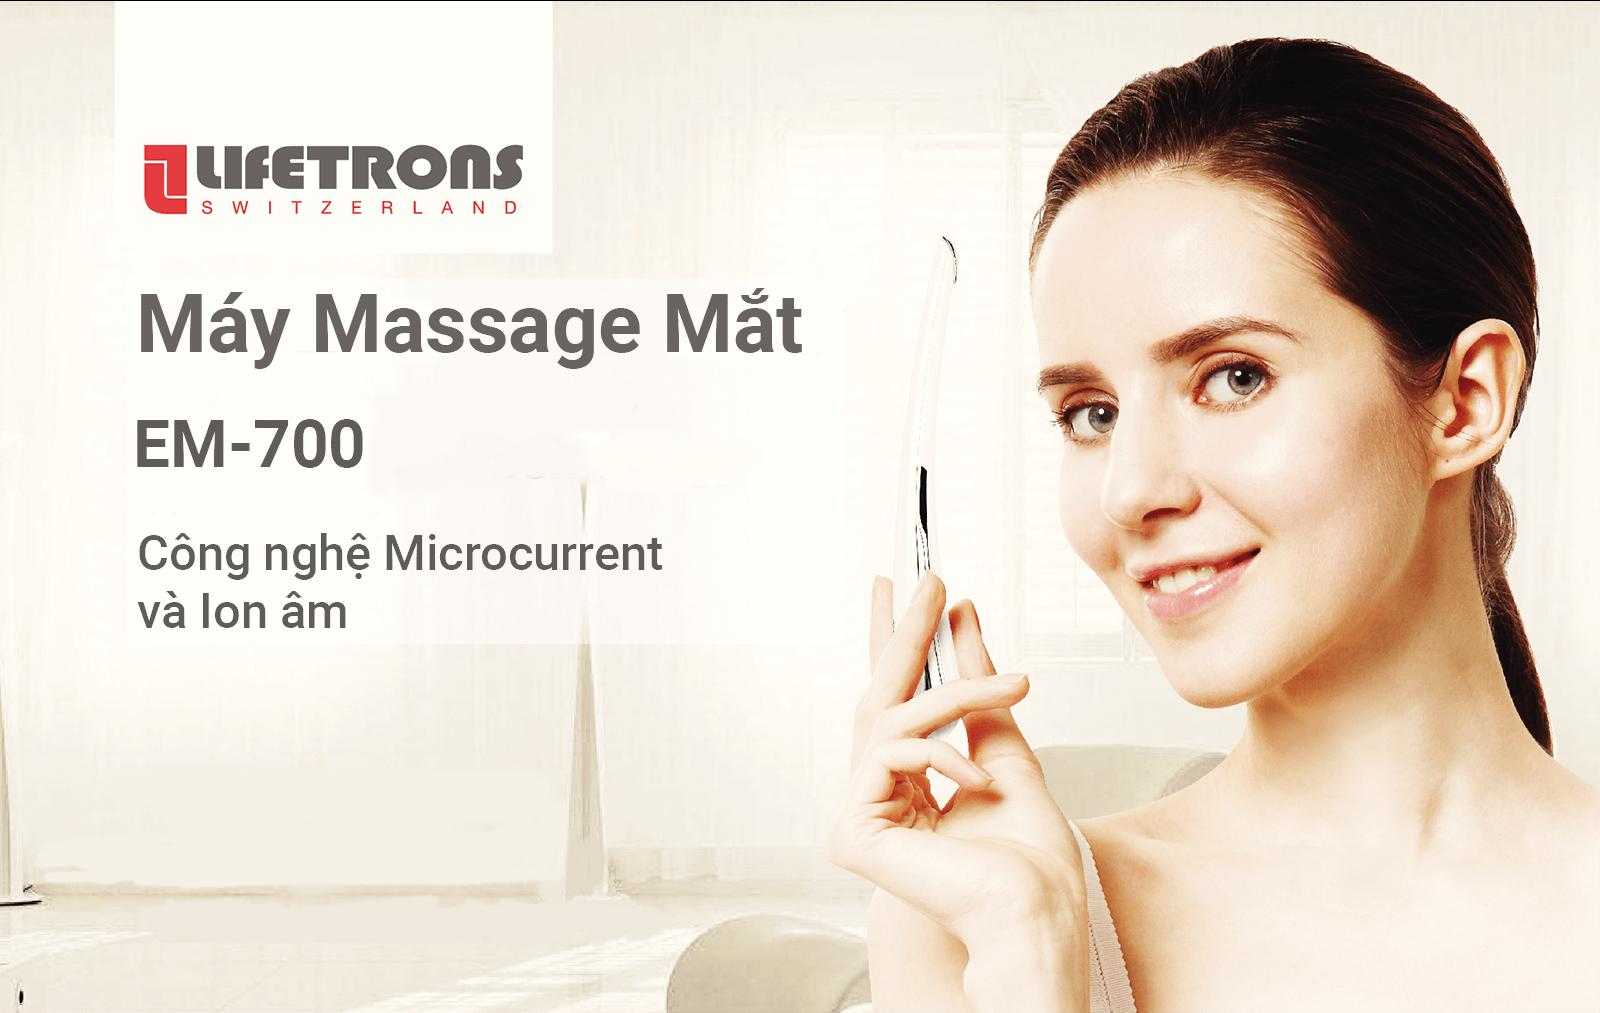 Máy massage chống lão hóa và trị liệu mắt Lifetrons EM-700